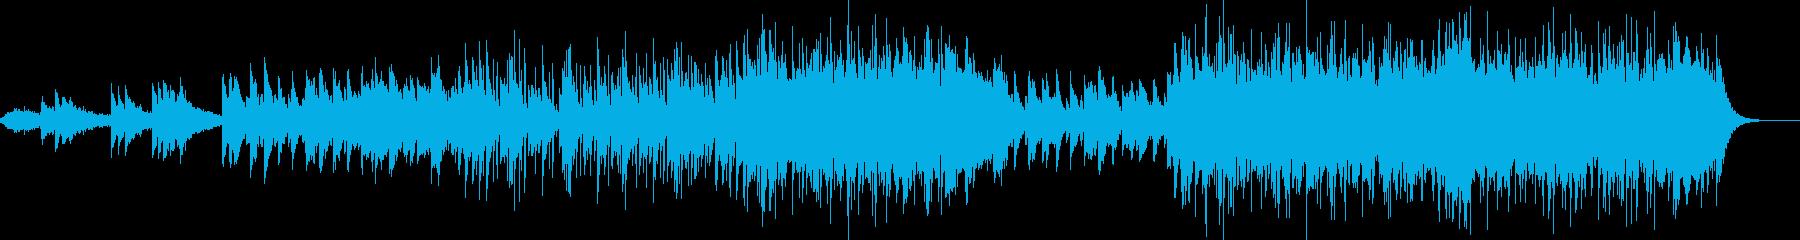 シンプルなピアノバラードの再生済みの波形